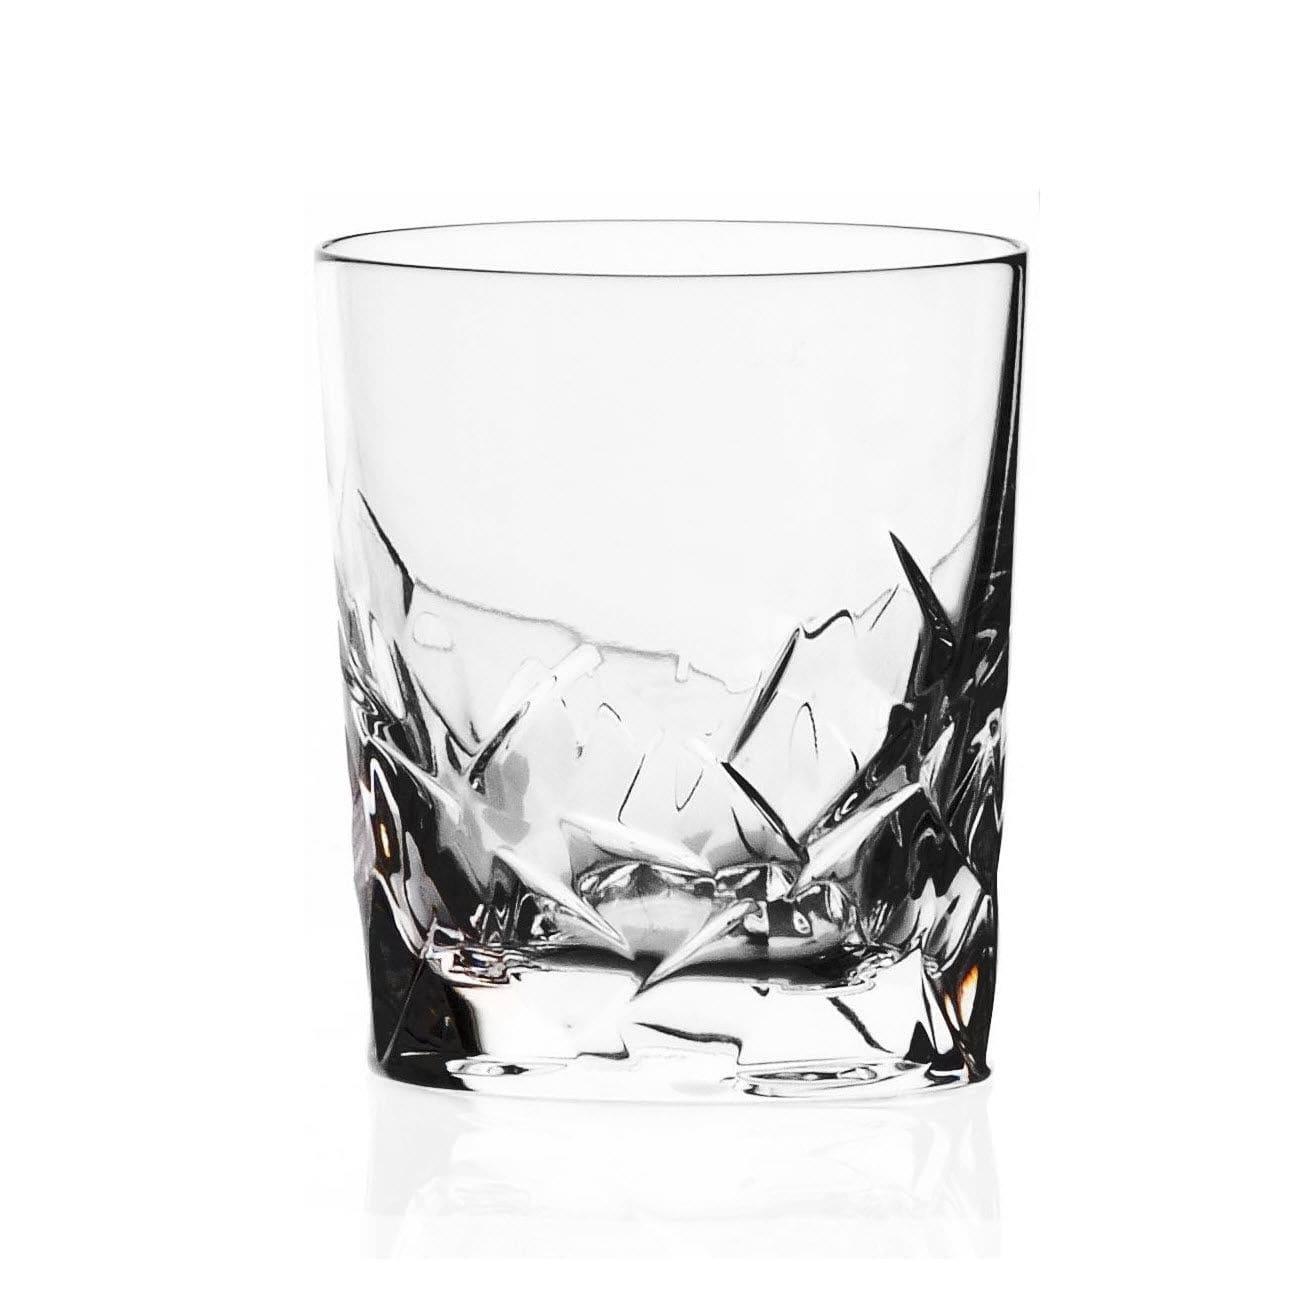 Elegant Verre à Whisky / En Cristal / à Usage Domestique / Pour Restaurant  Gastronomique   ÉCLAT